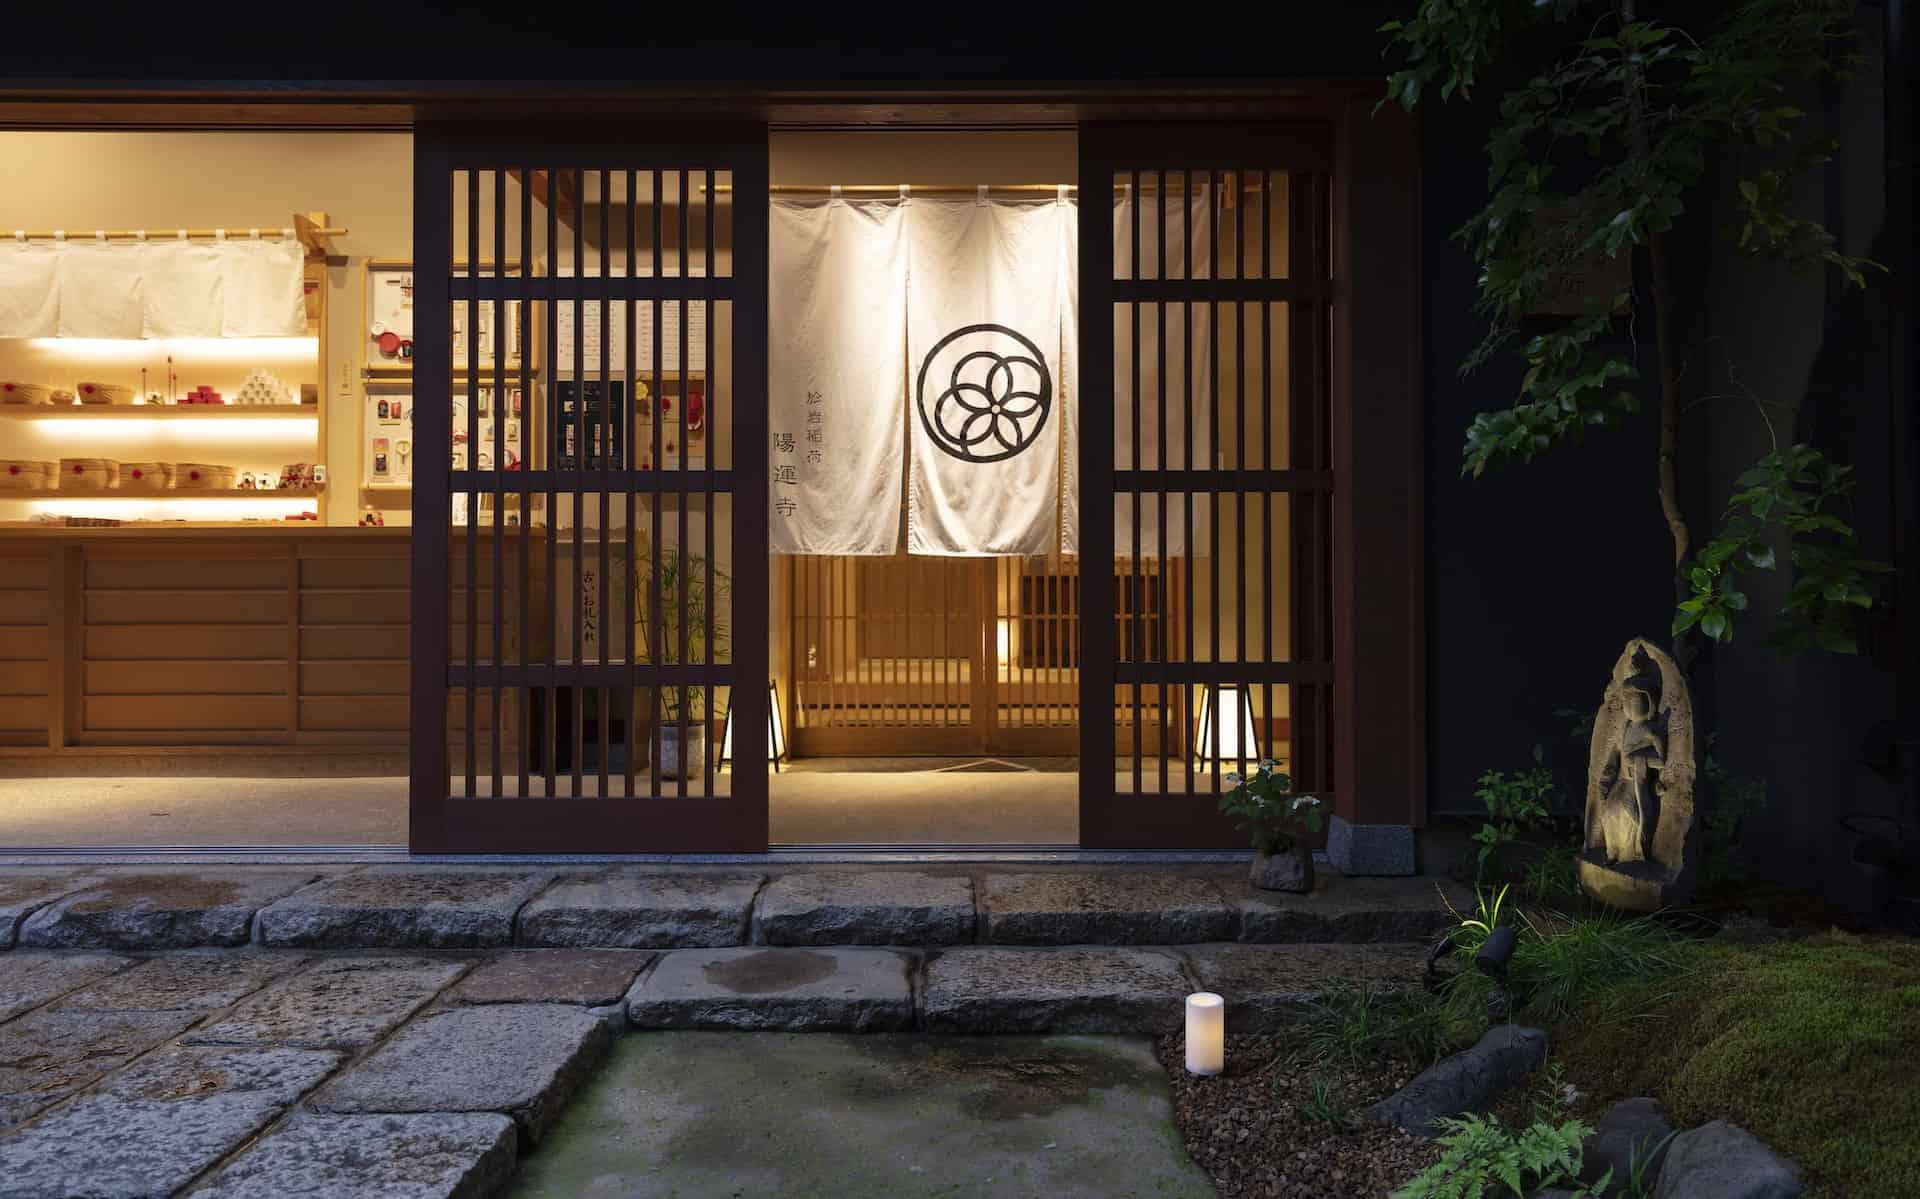 วัดโยอุนจิ (Younji Temple) โตเกียว